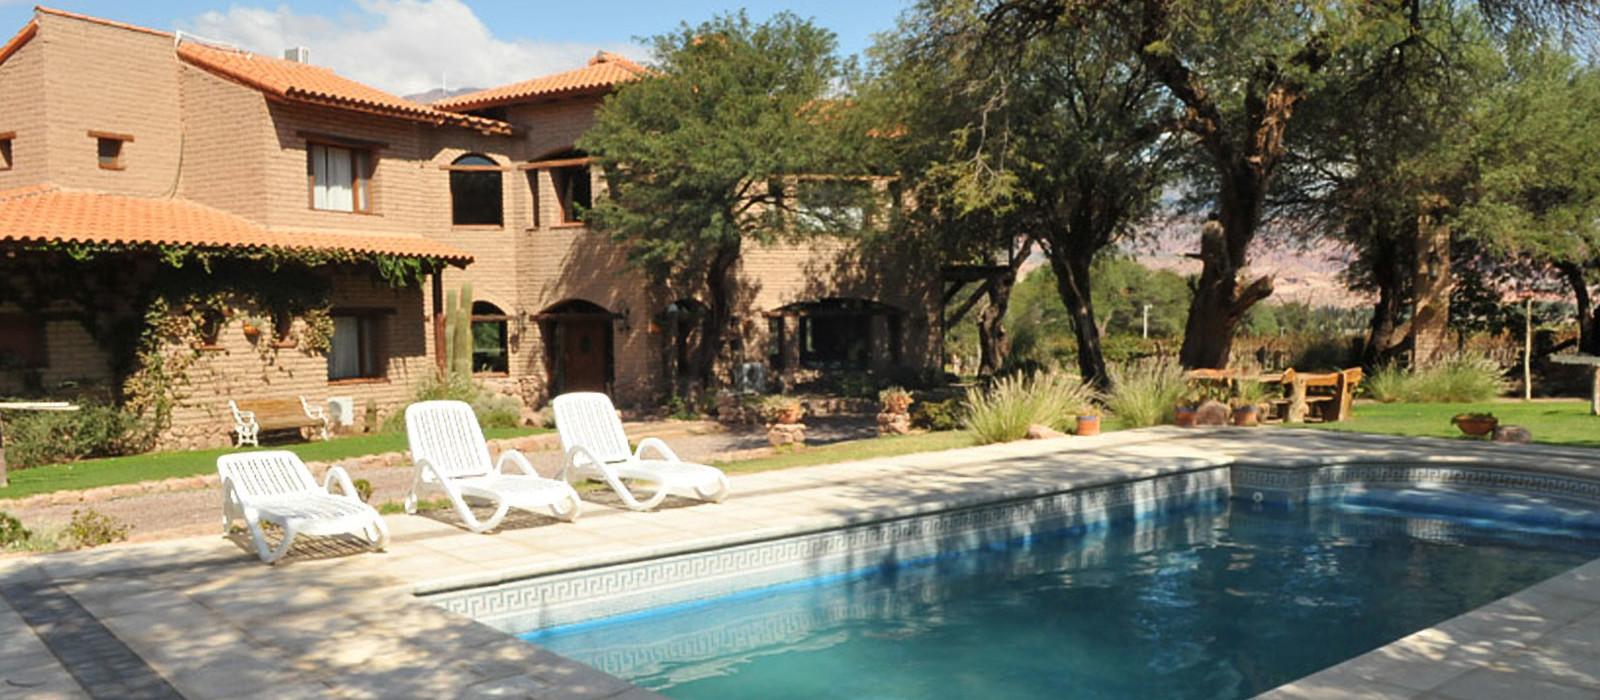 Hotel Casa de la Bodega Argentinien